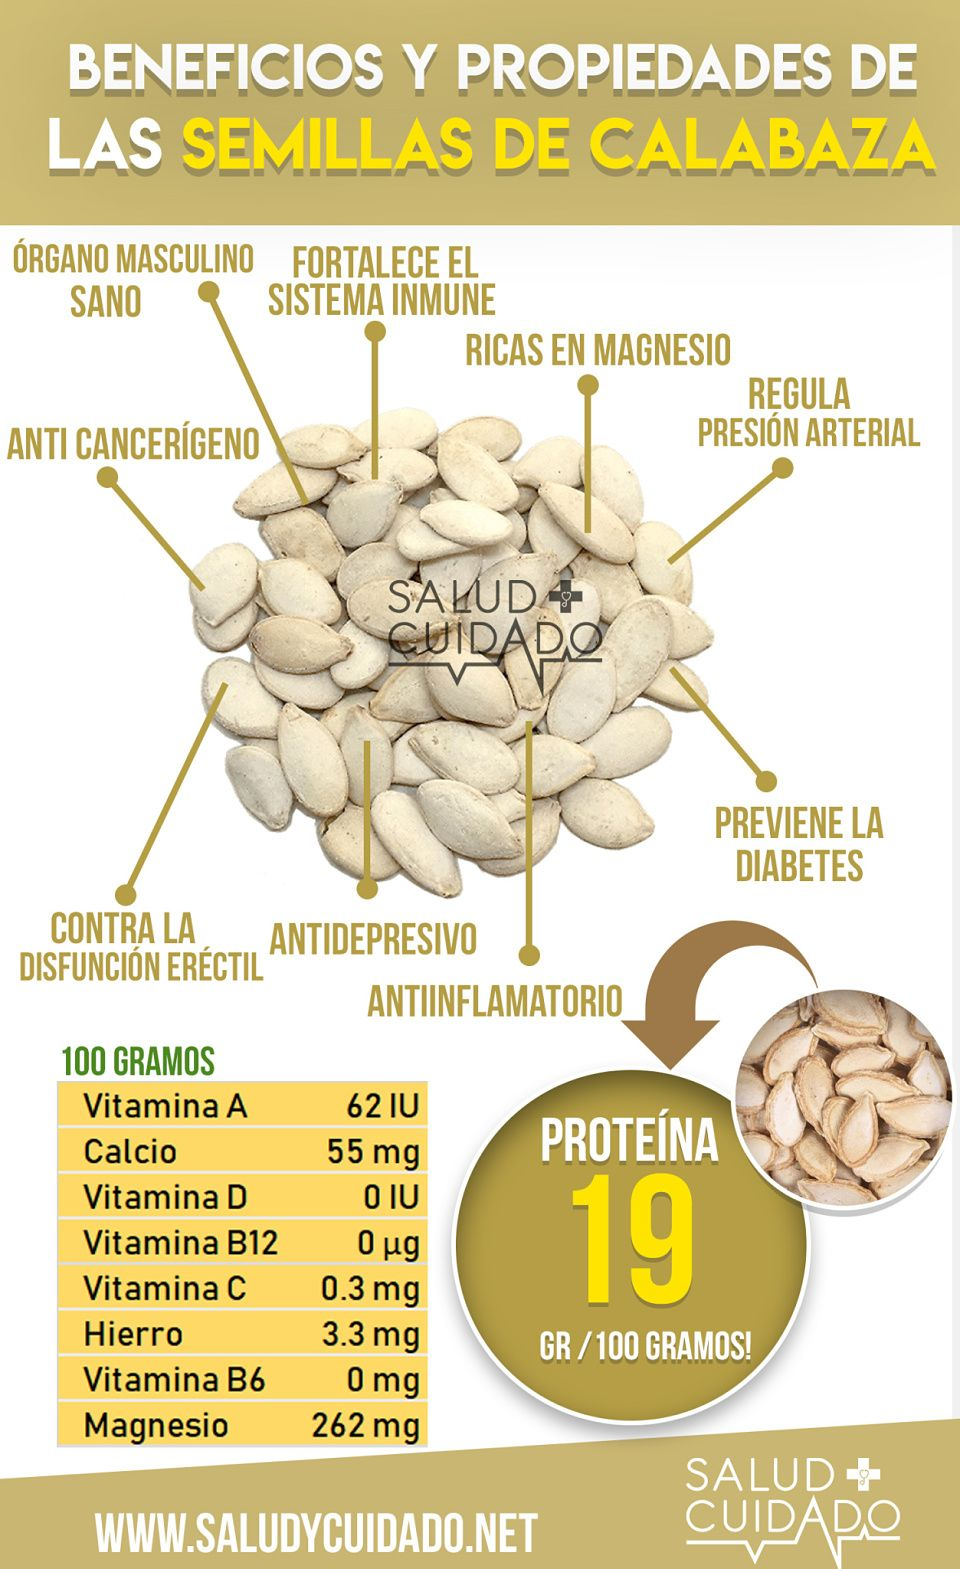 alimentos más saludables para la disfunción eréctil